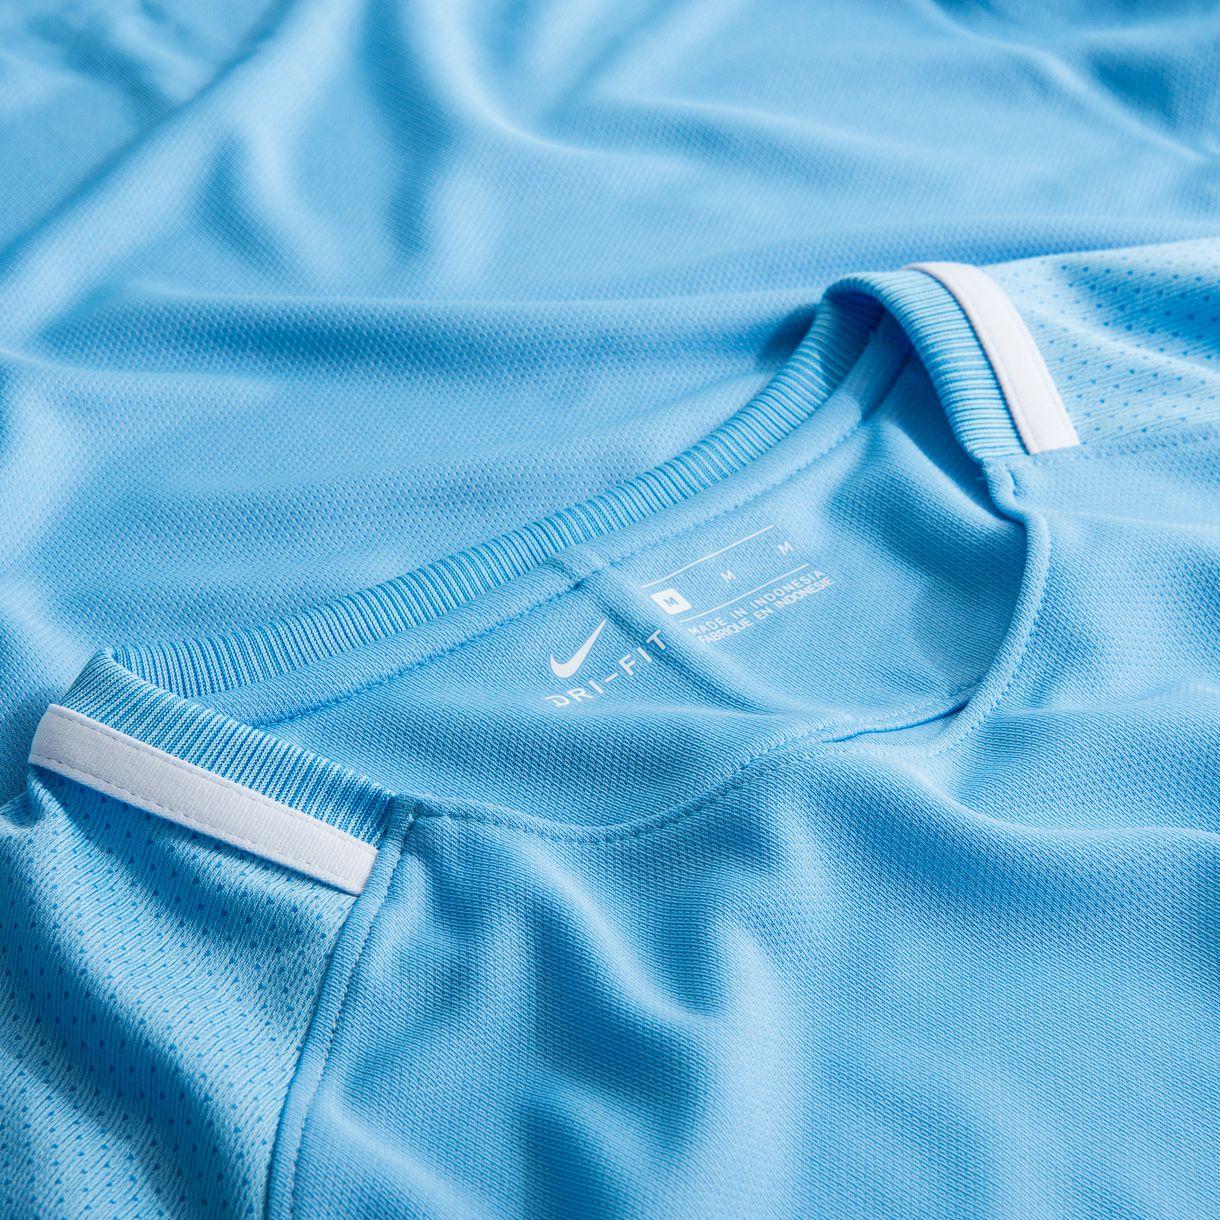 Manchester City trøje 2017-18 krave